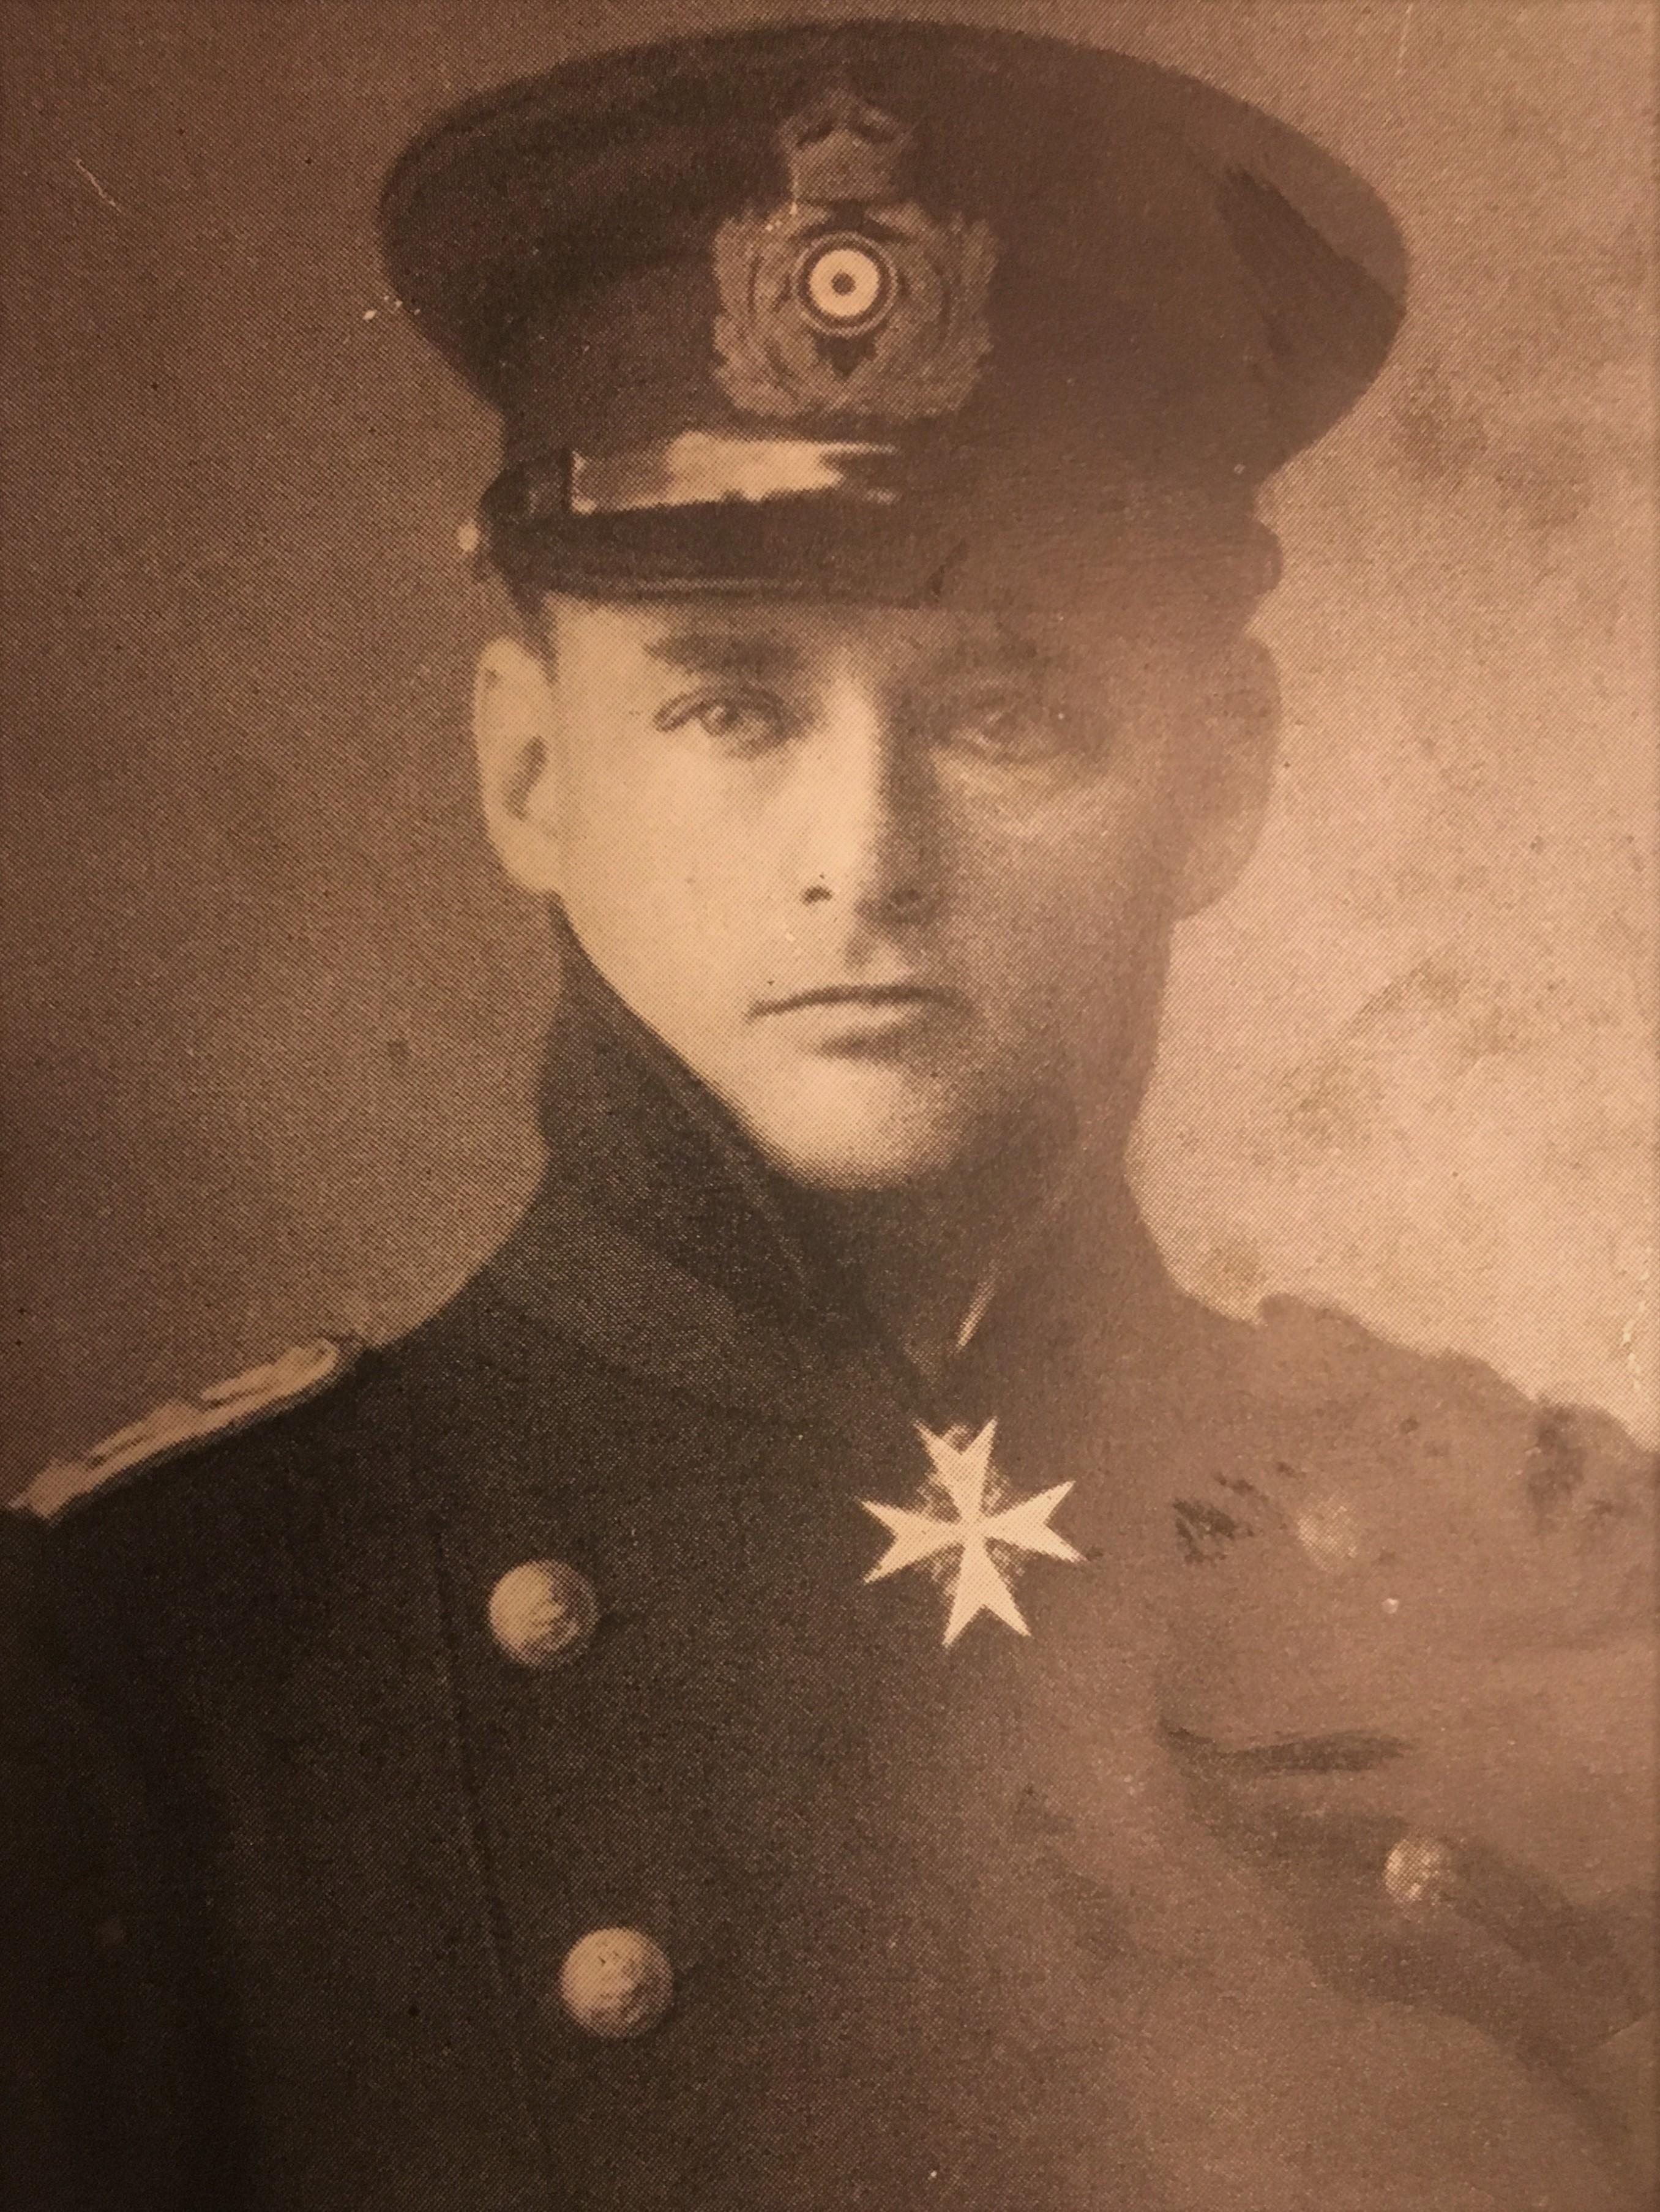 Datei:Kapitänleutnant Moraht - Kaiserliche Marine.jpg – Wikipedia